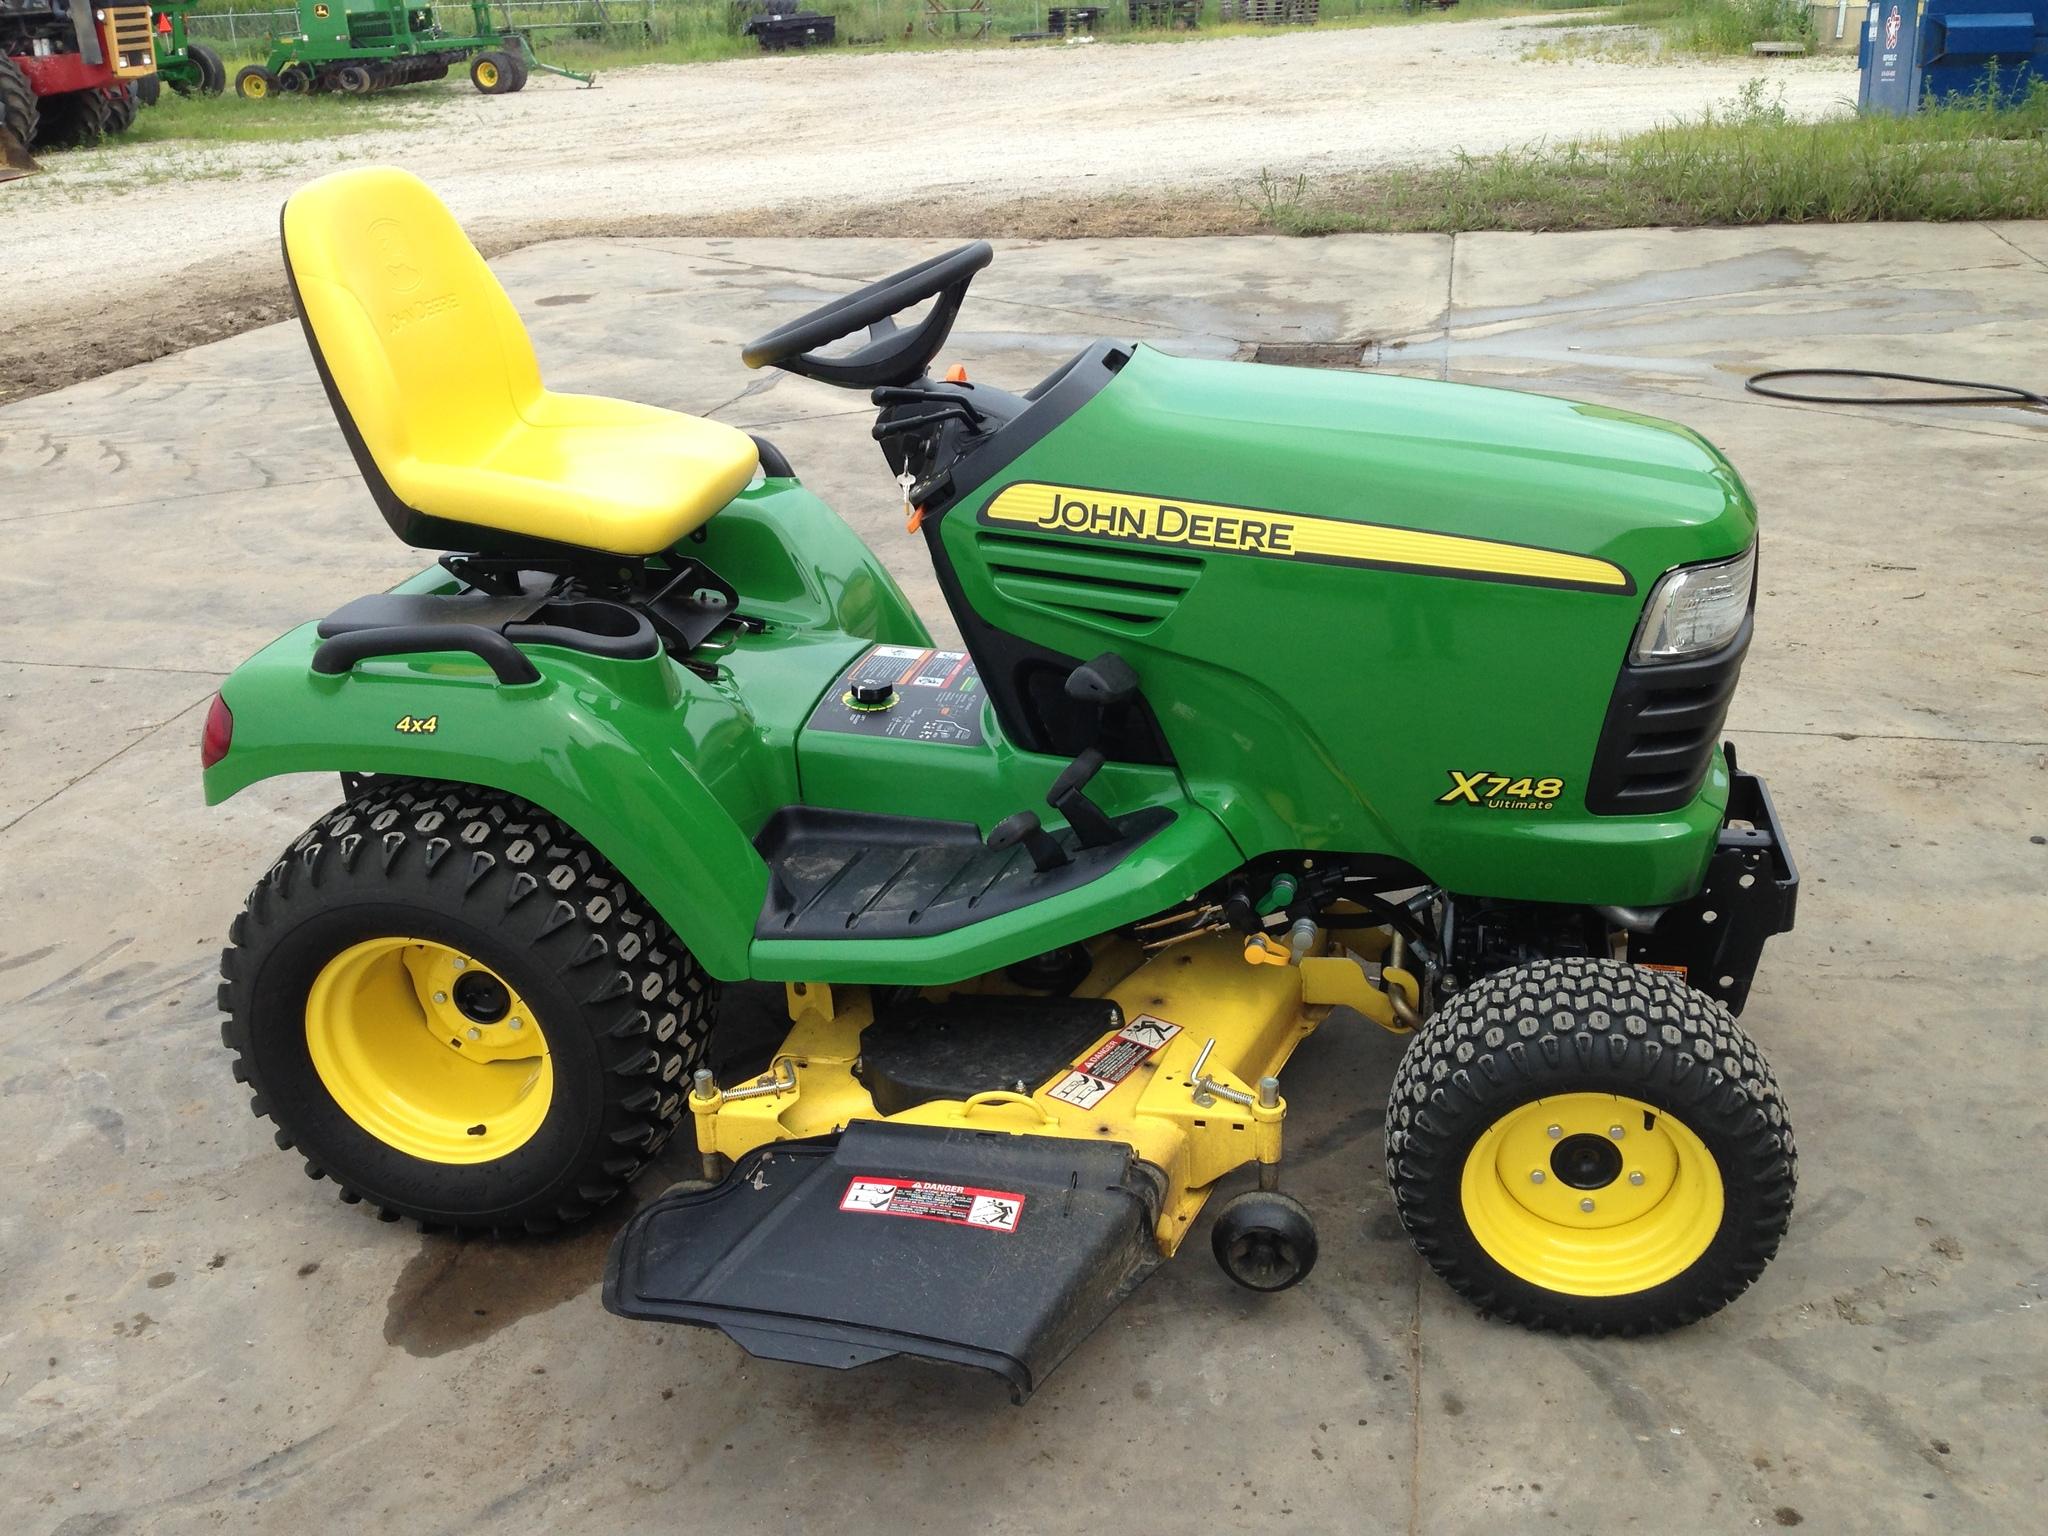 John Deere X748 Lawn Garden Tractors For Sale 49488